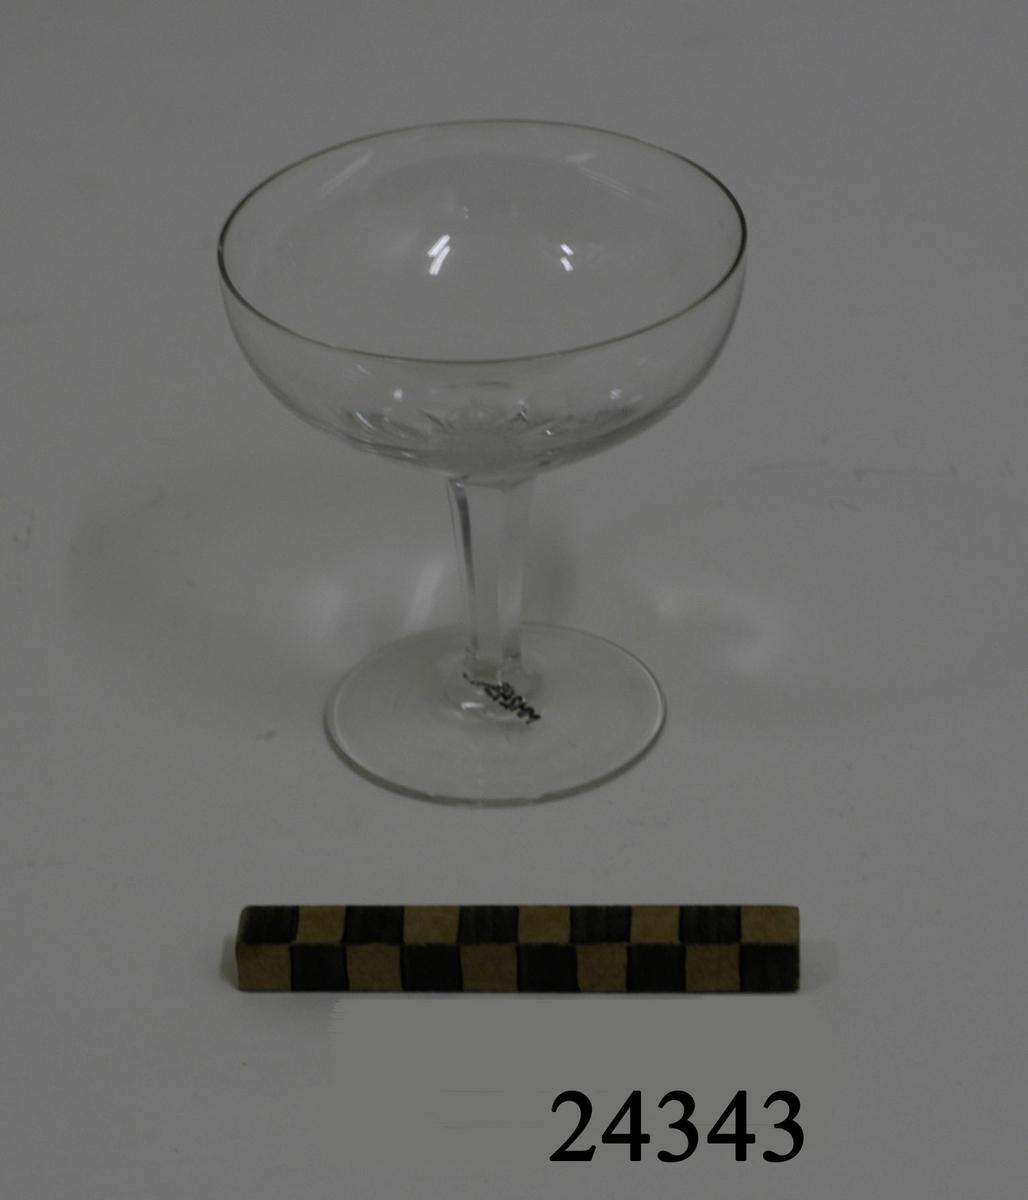 Champagneglas med välvd låg kupa. Smalt, fasettslipat ben. Rund, plan fot. På kupan, inetsat, lilla riksvapnet.